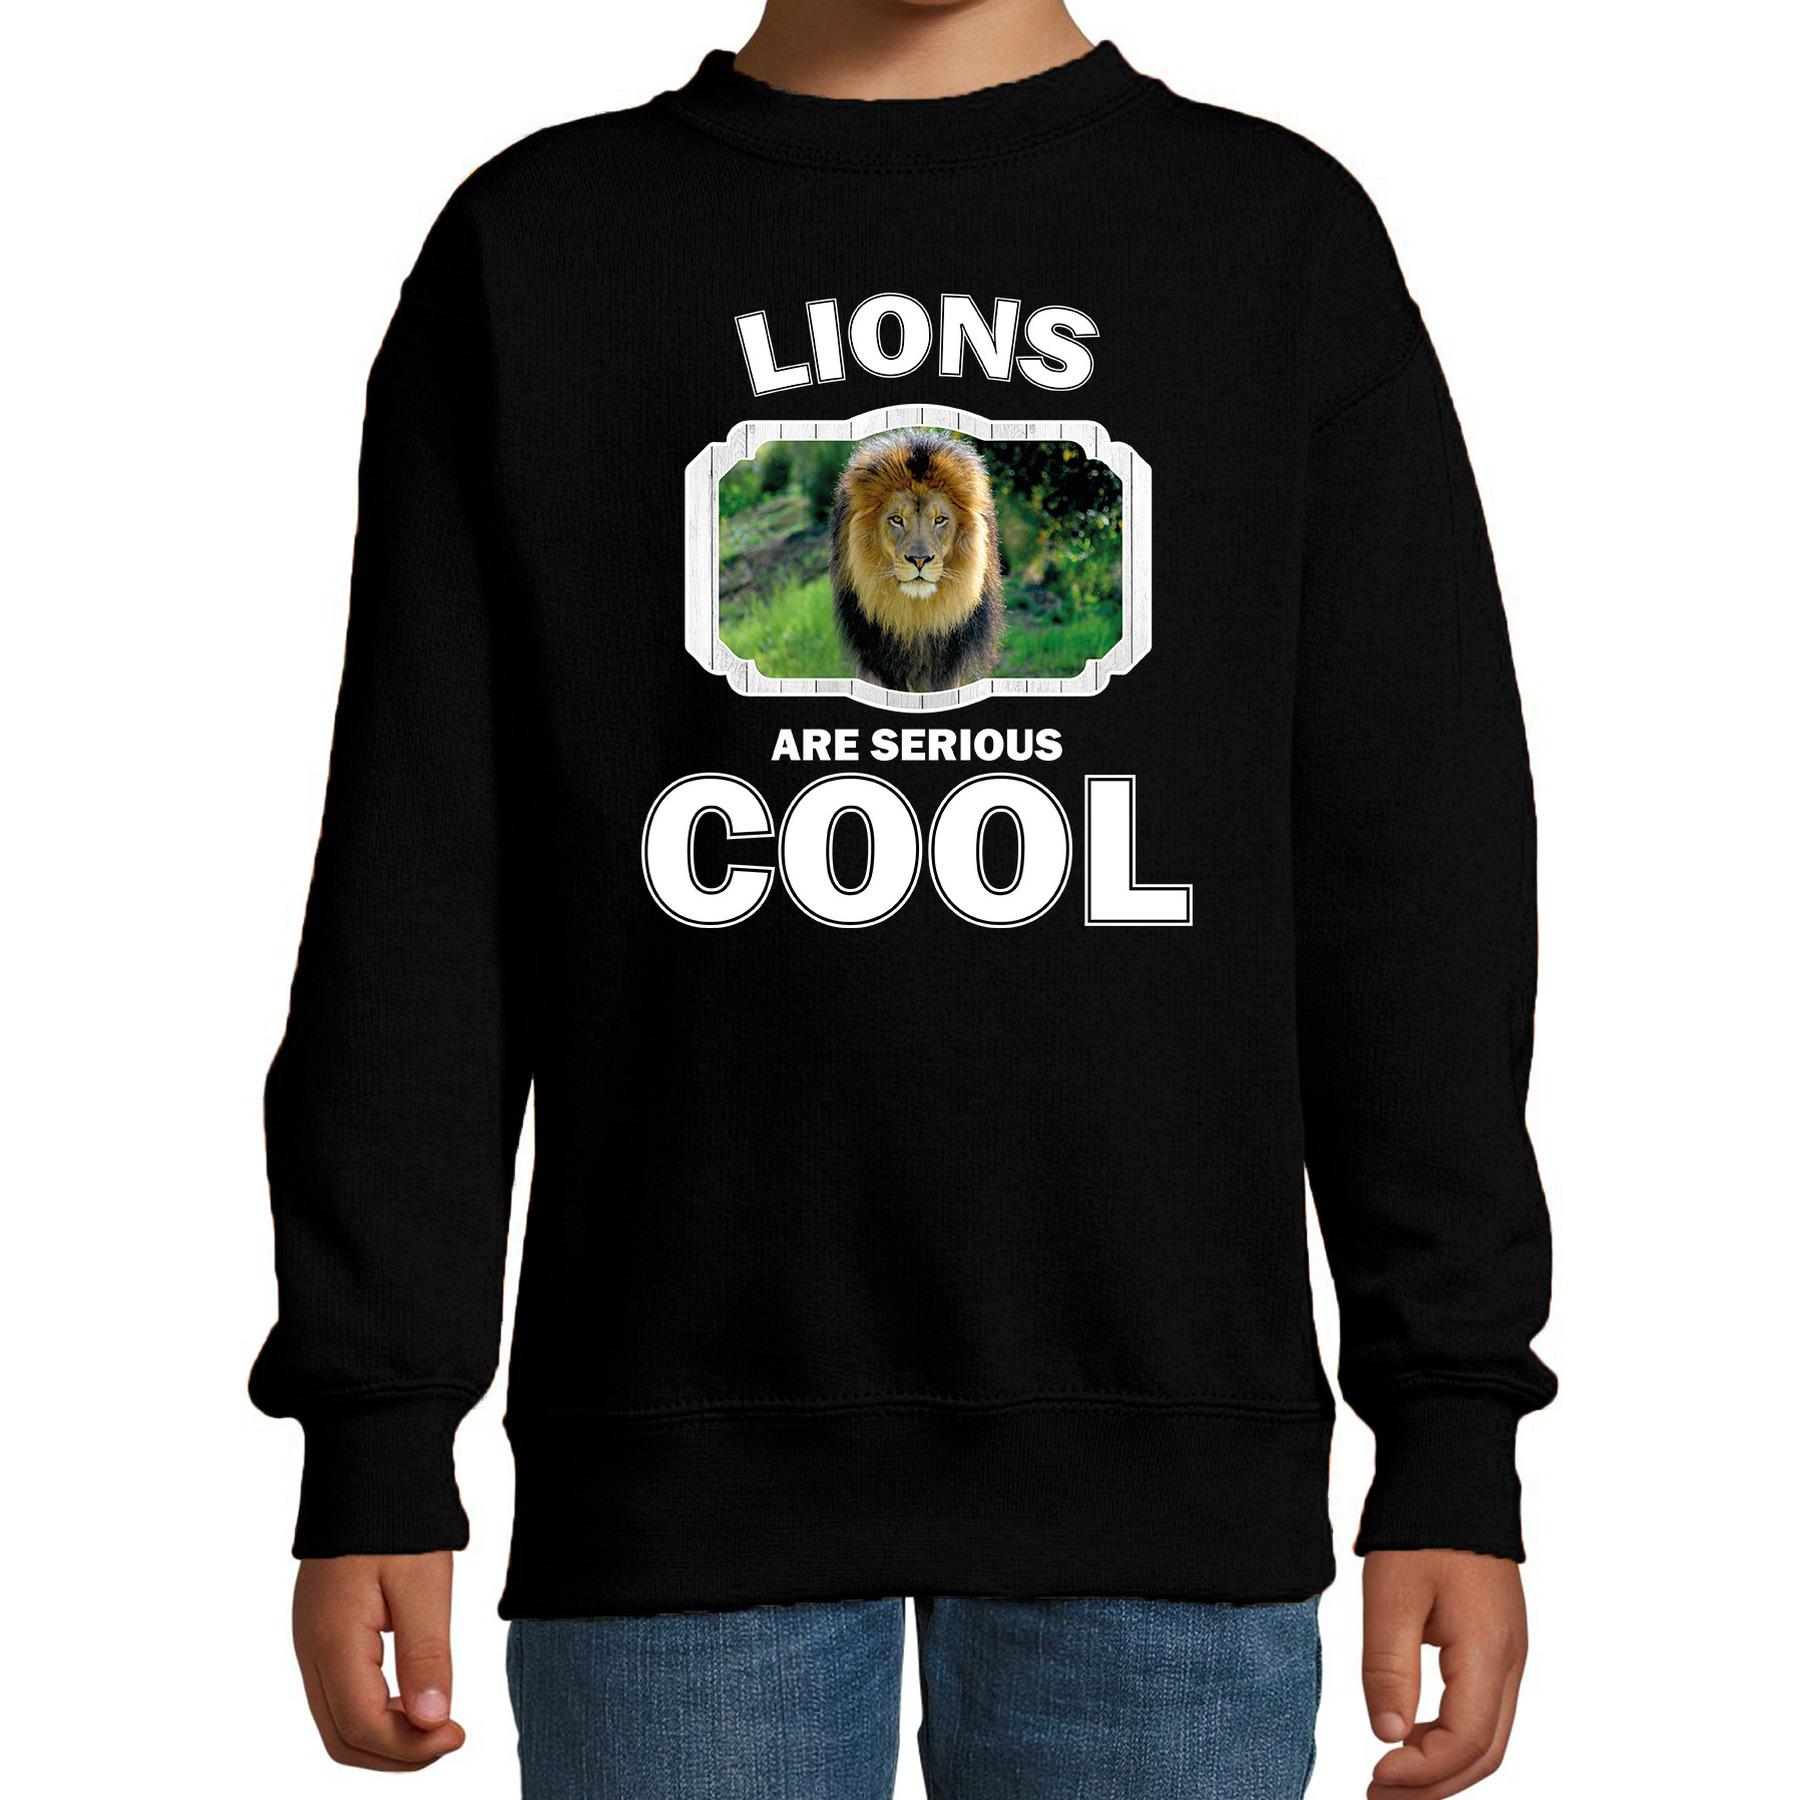 Sweater lions are serious cool zwart kinderen - leeuwen/ leeuw trui